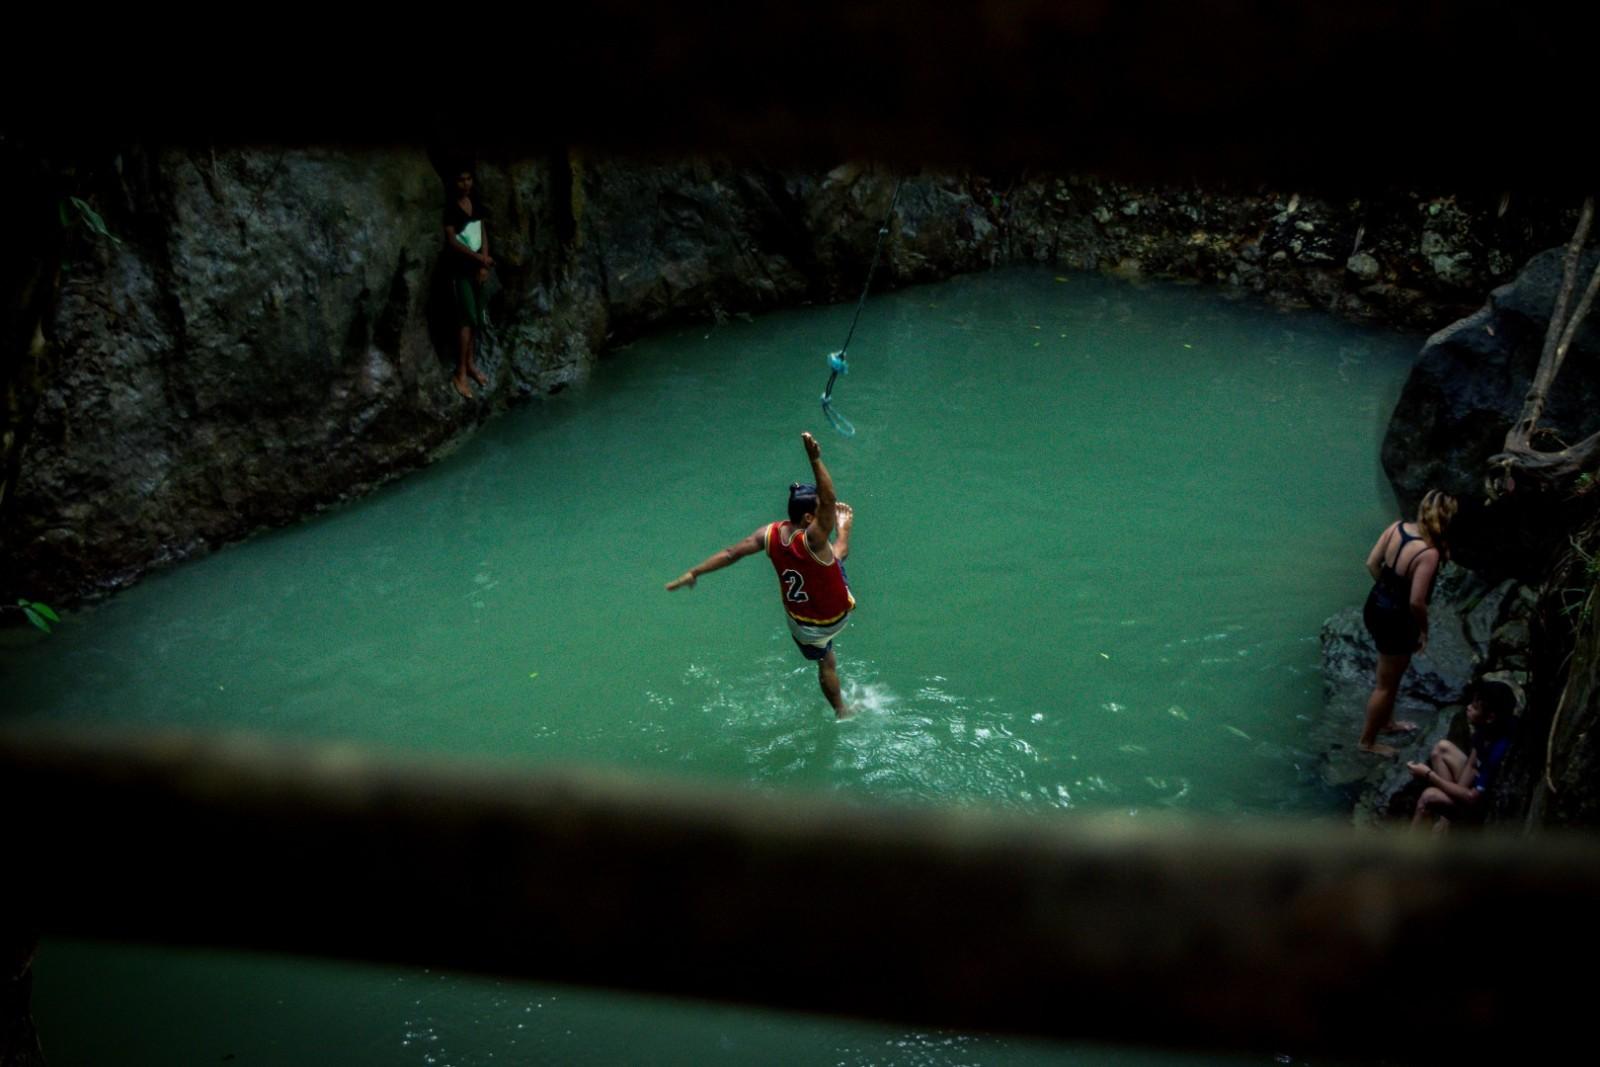 Rope swing at Tayabang cave siargao